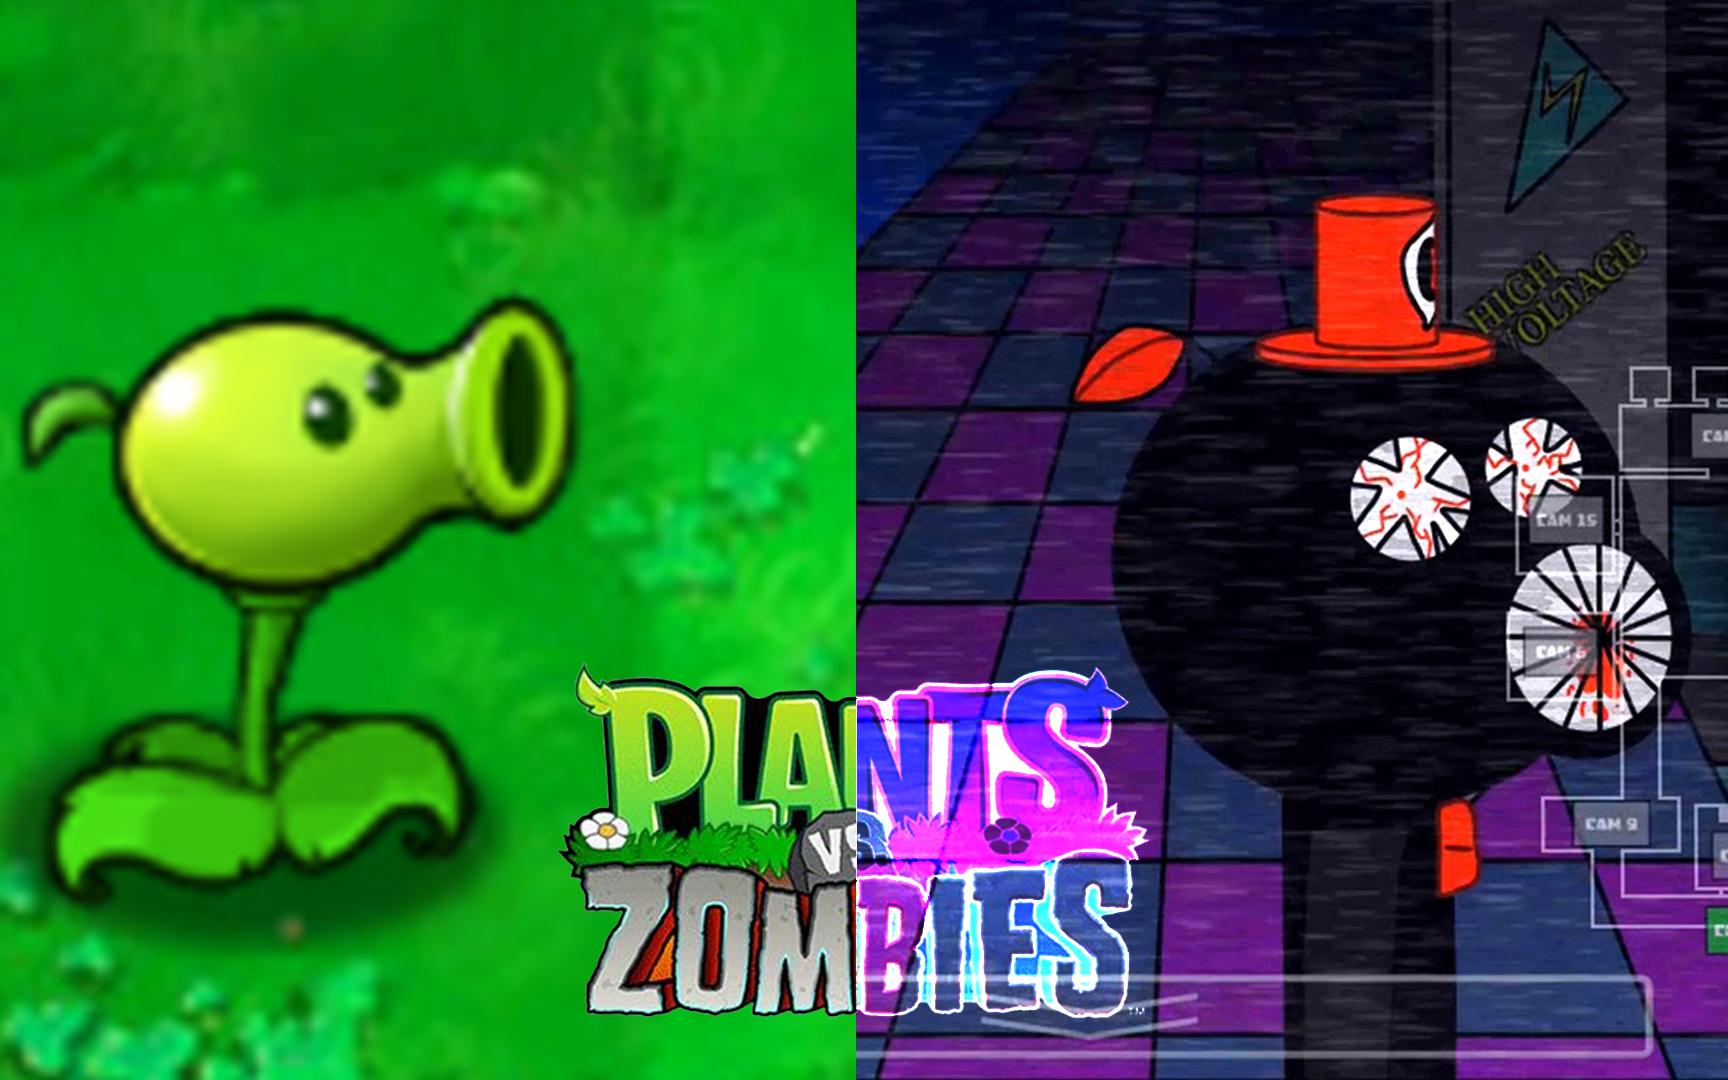 植物大战僵尸也变成了恐怖游戏?【第三期】